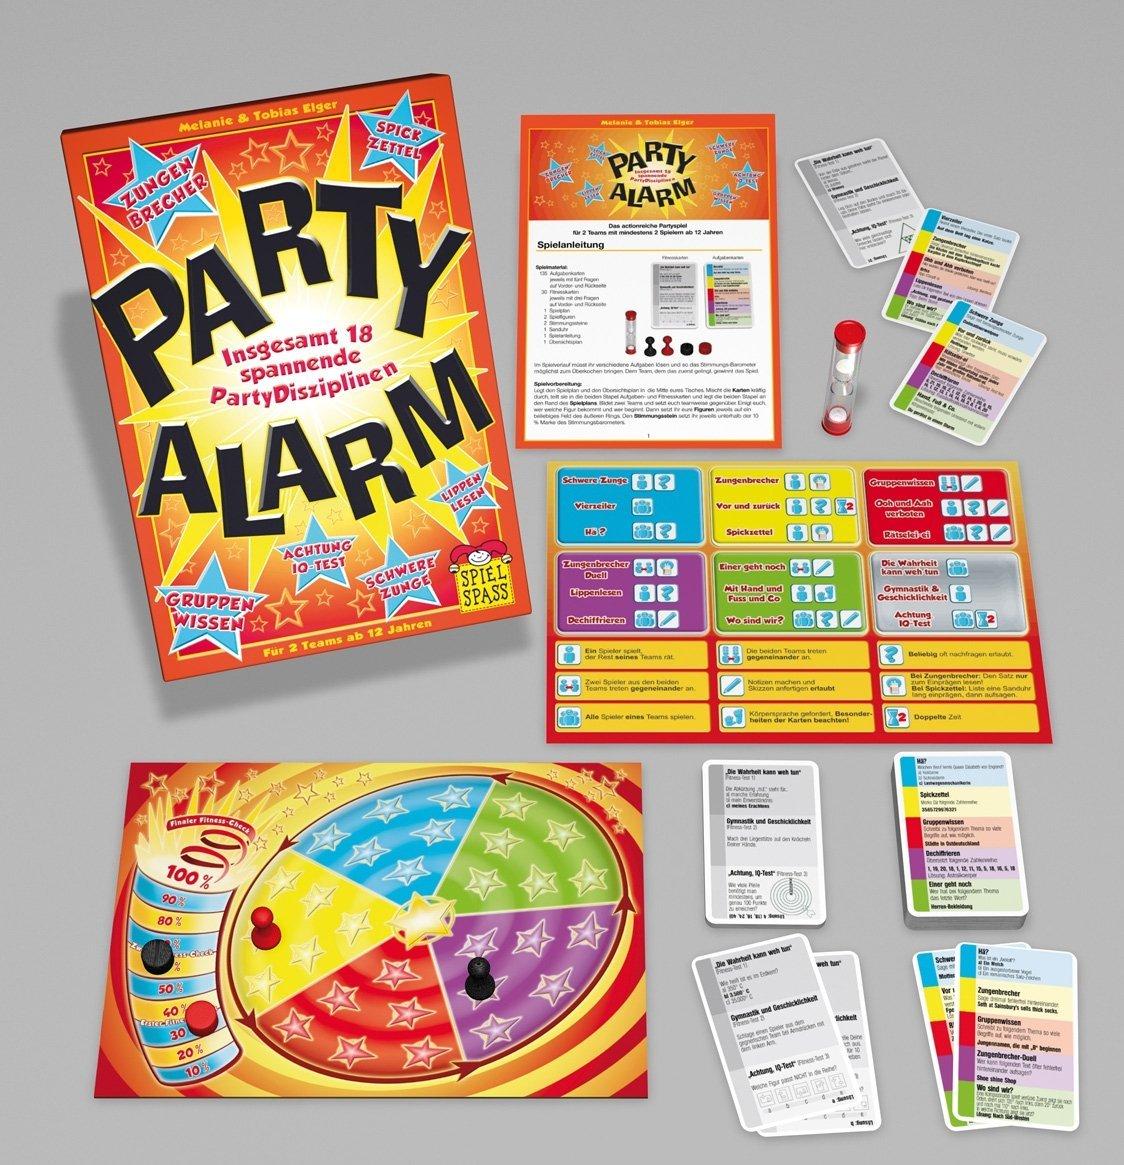 lustige spiele für partys